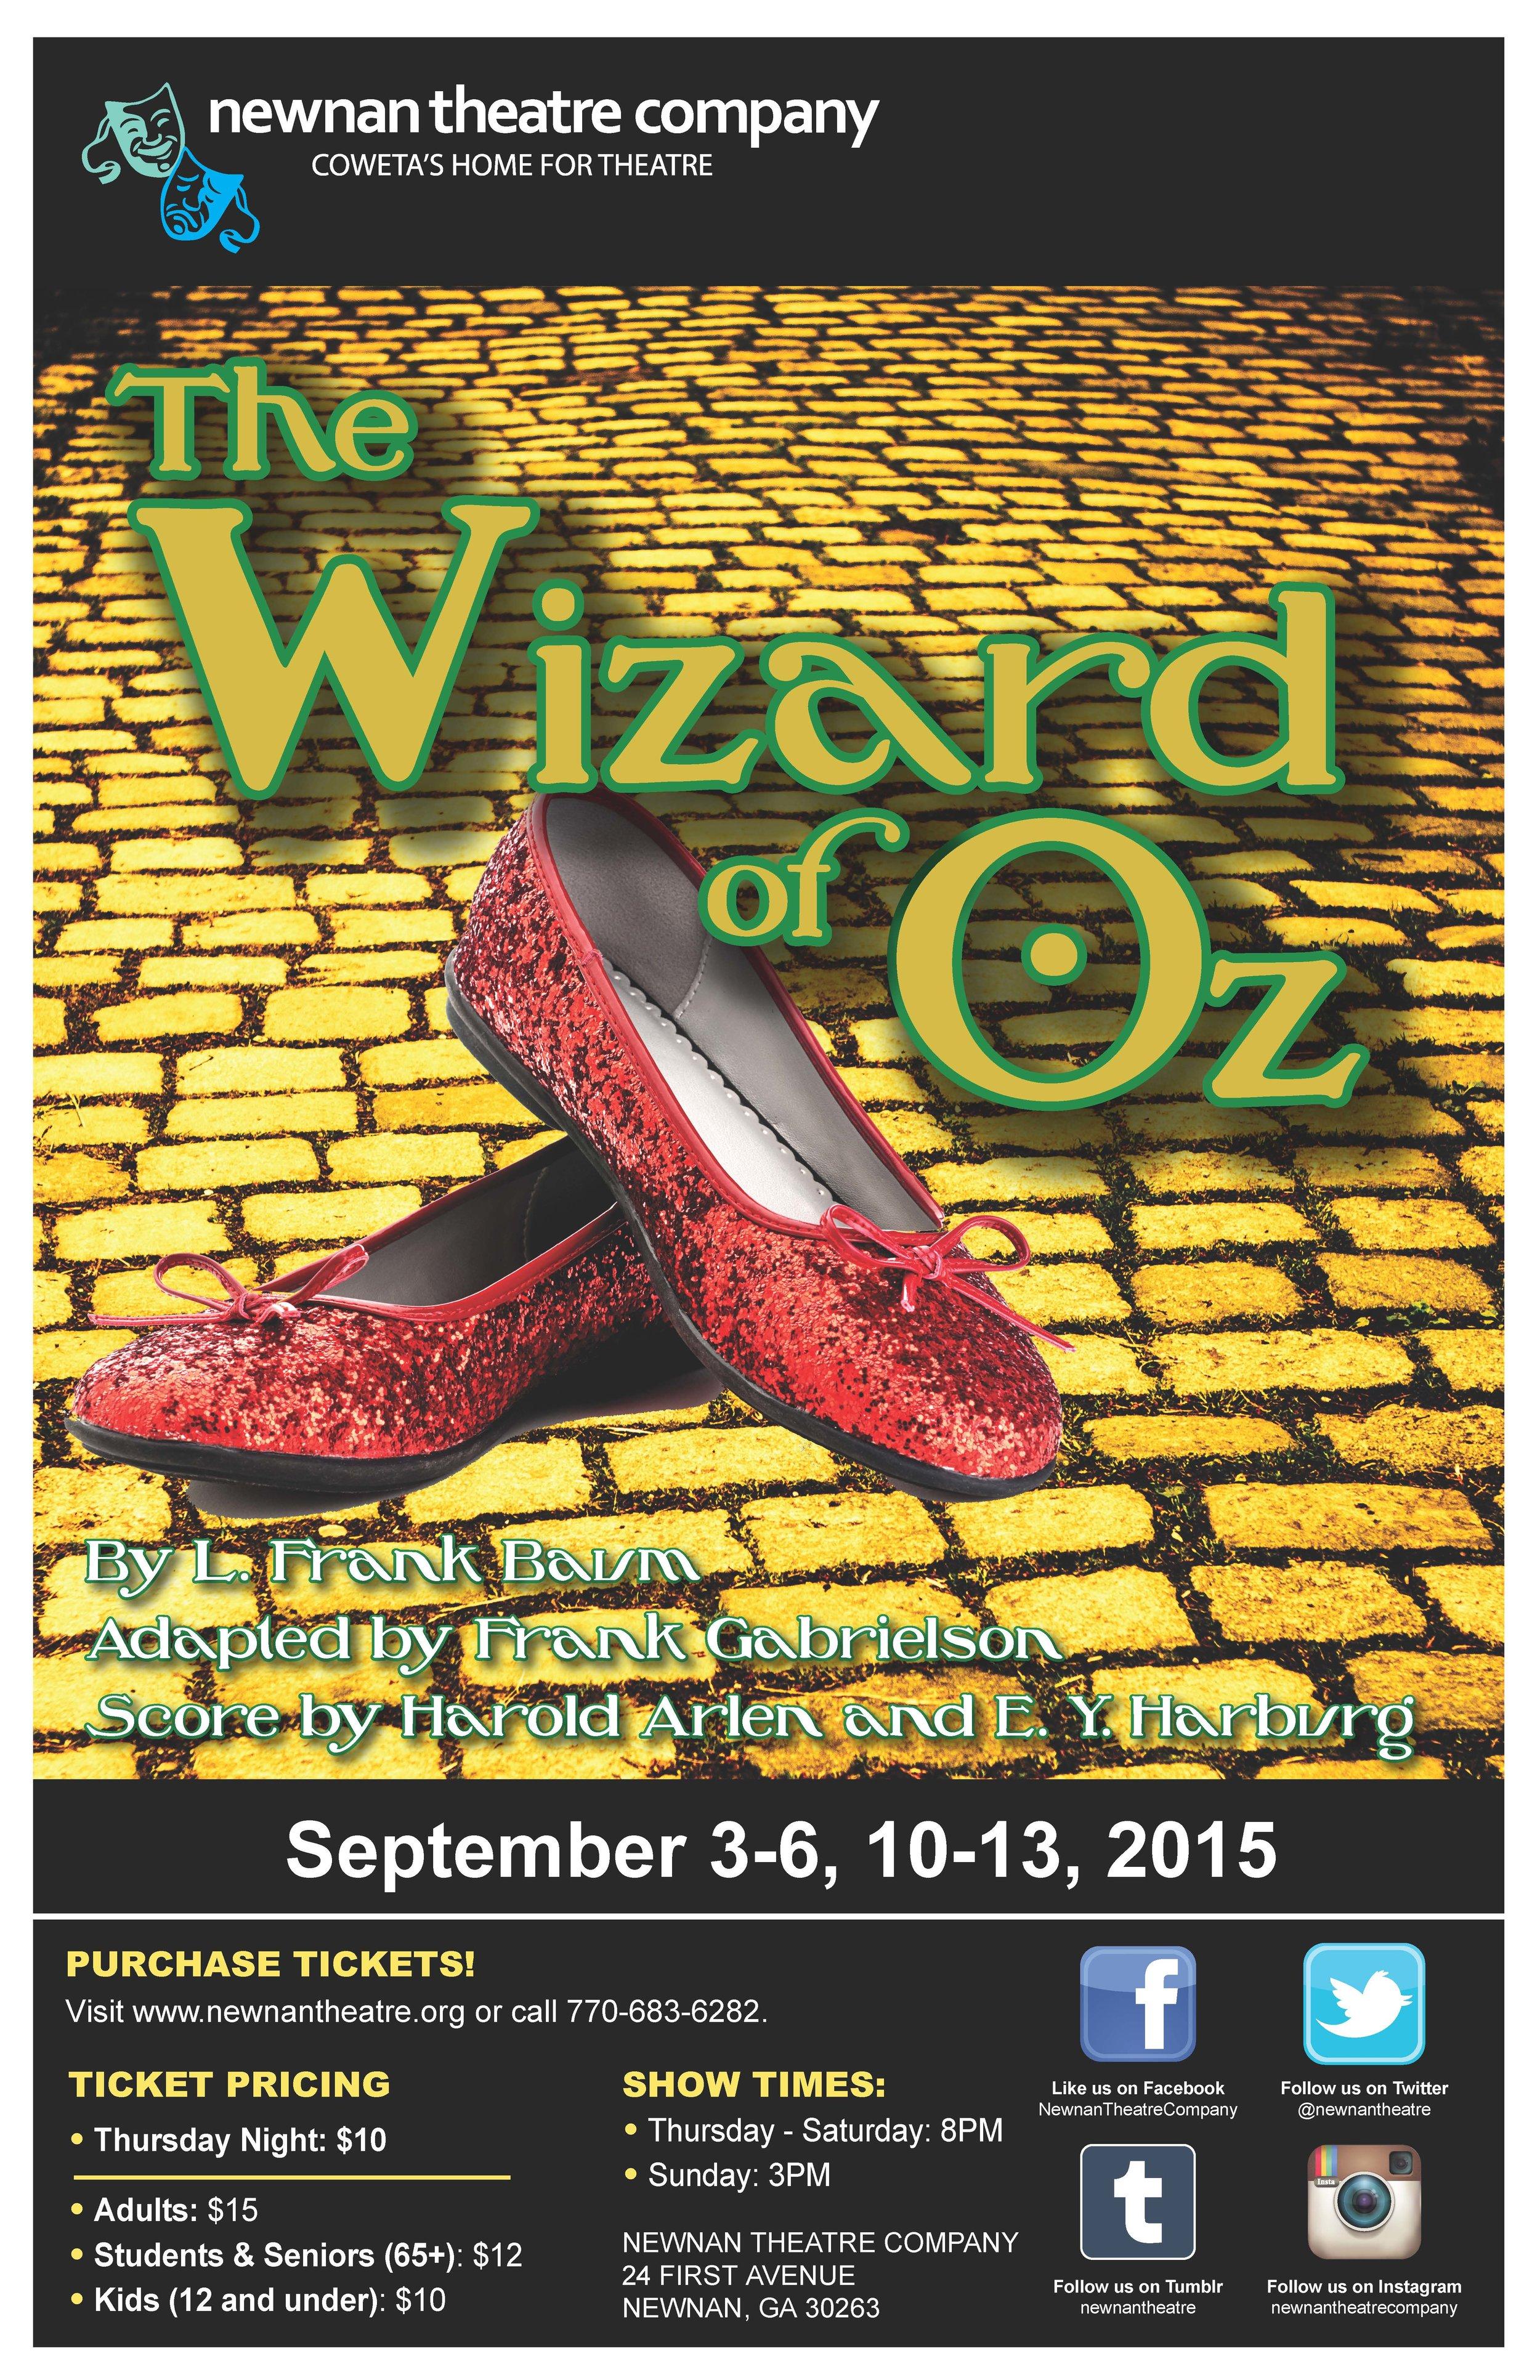 WizardofOz_11x17 poster.jpg